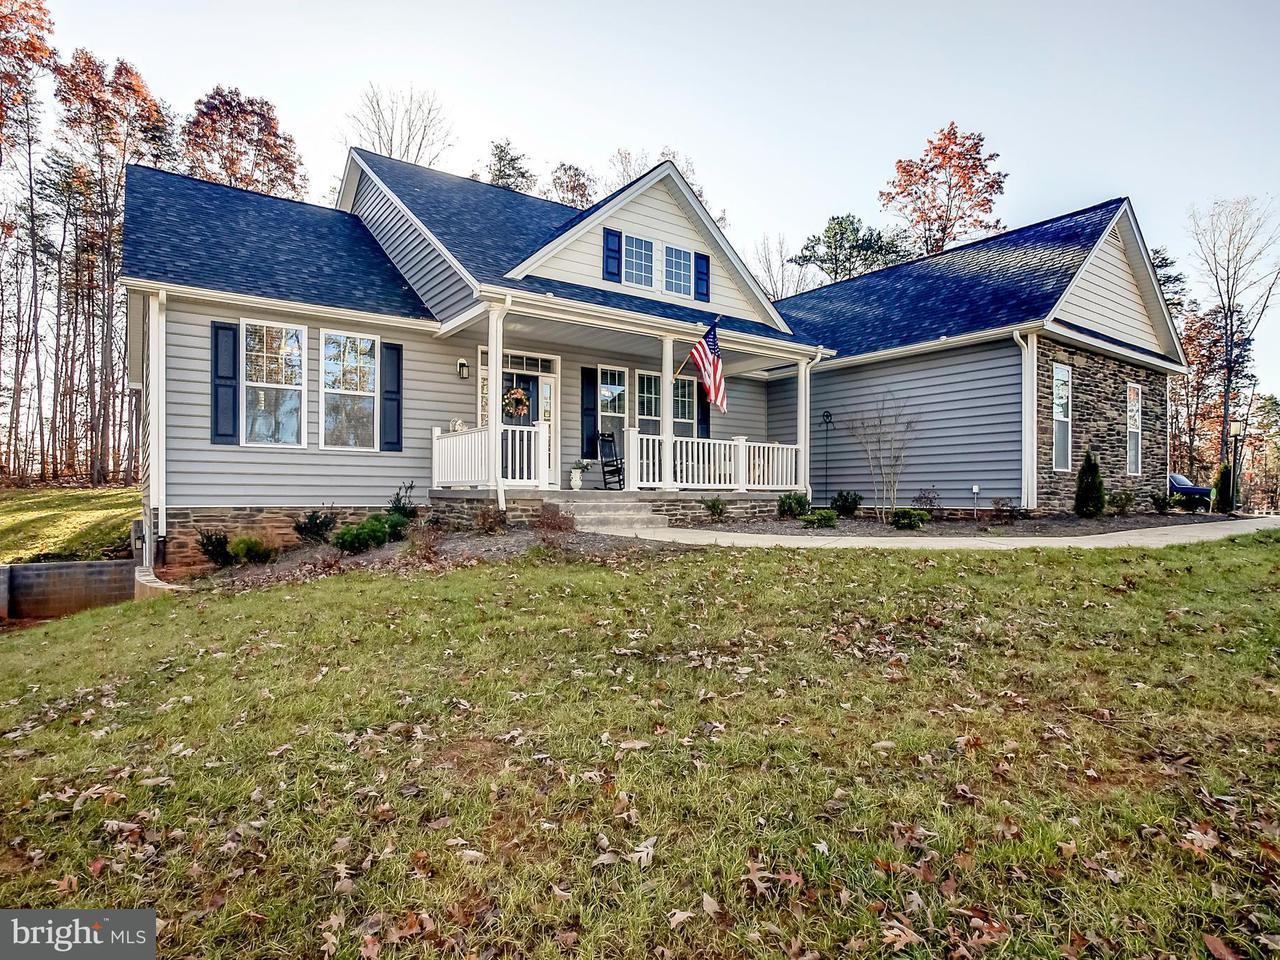 Vivienda unifamiliar por un Venta en 378 KENWOOD LANE 378 KENWOOD LANE Ruckersville, Virginia 22968 Estados Unidos